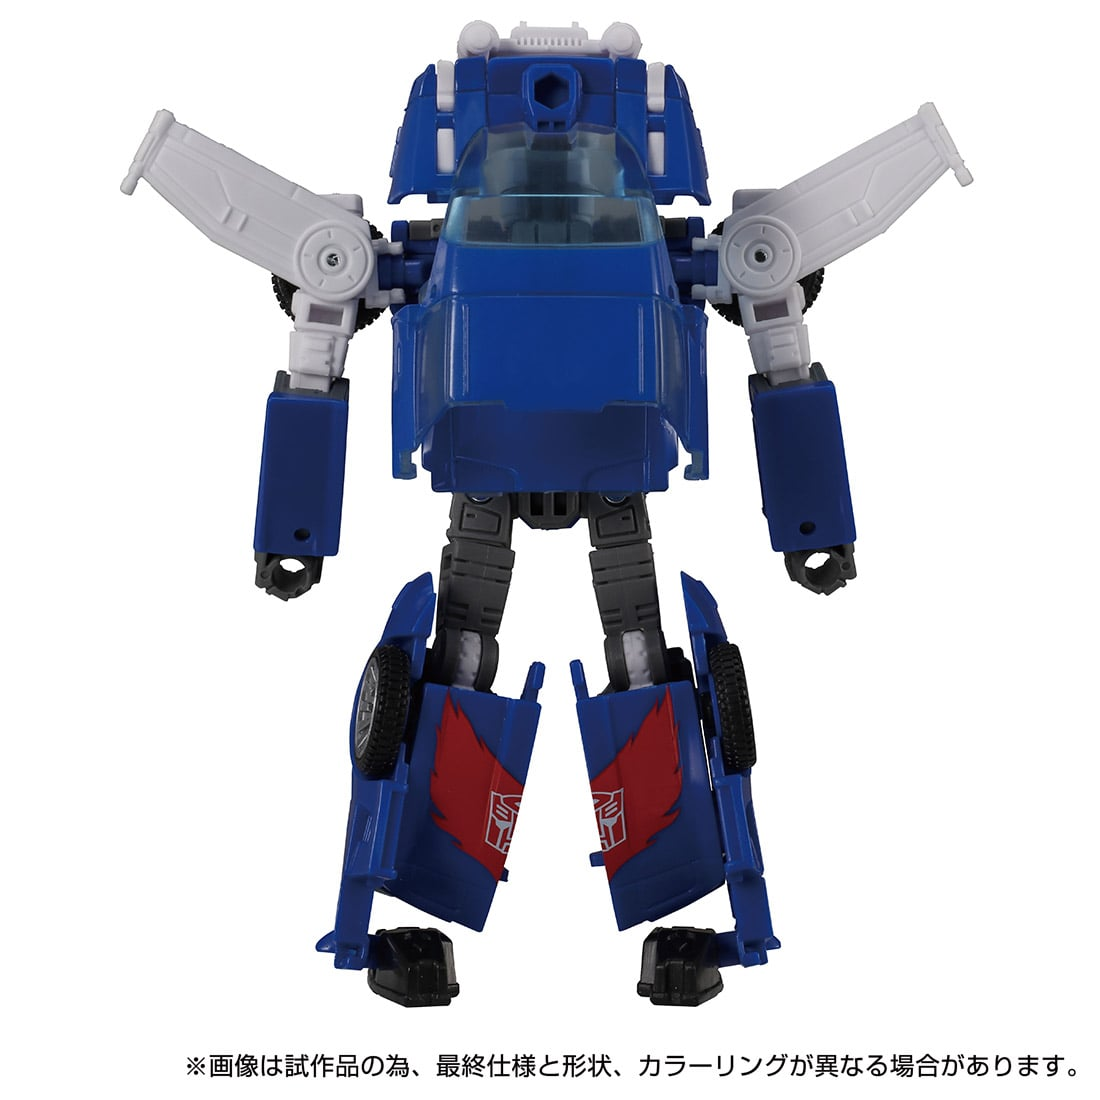 トランスフォーマー キングダム『KD-15 トラックス』可変可動フィギュア-006